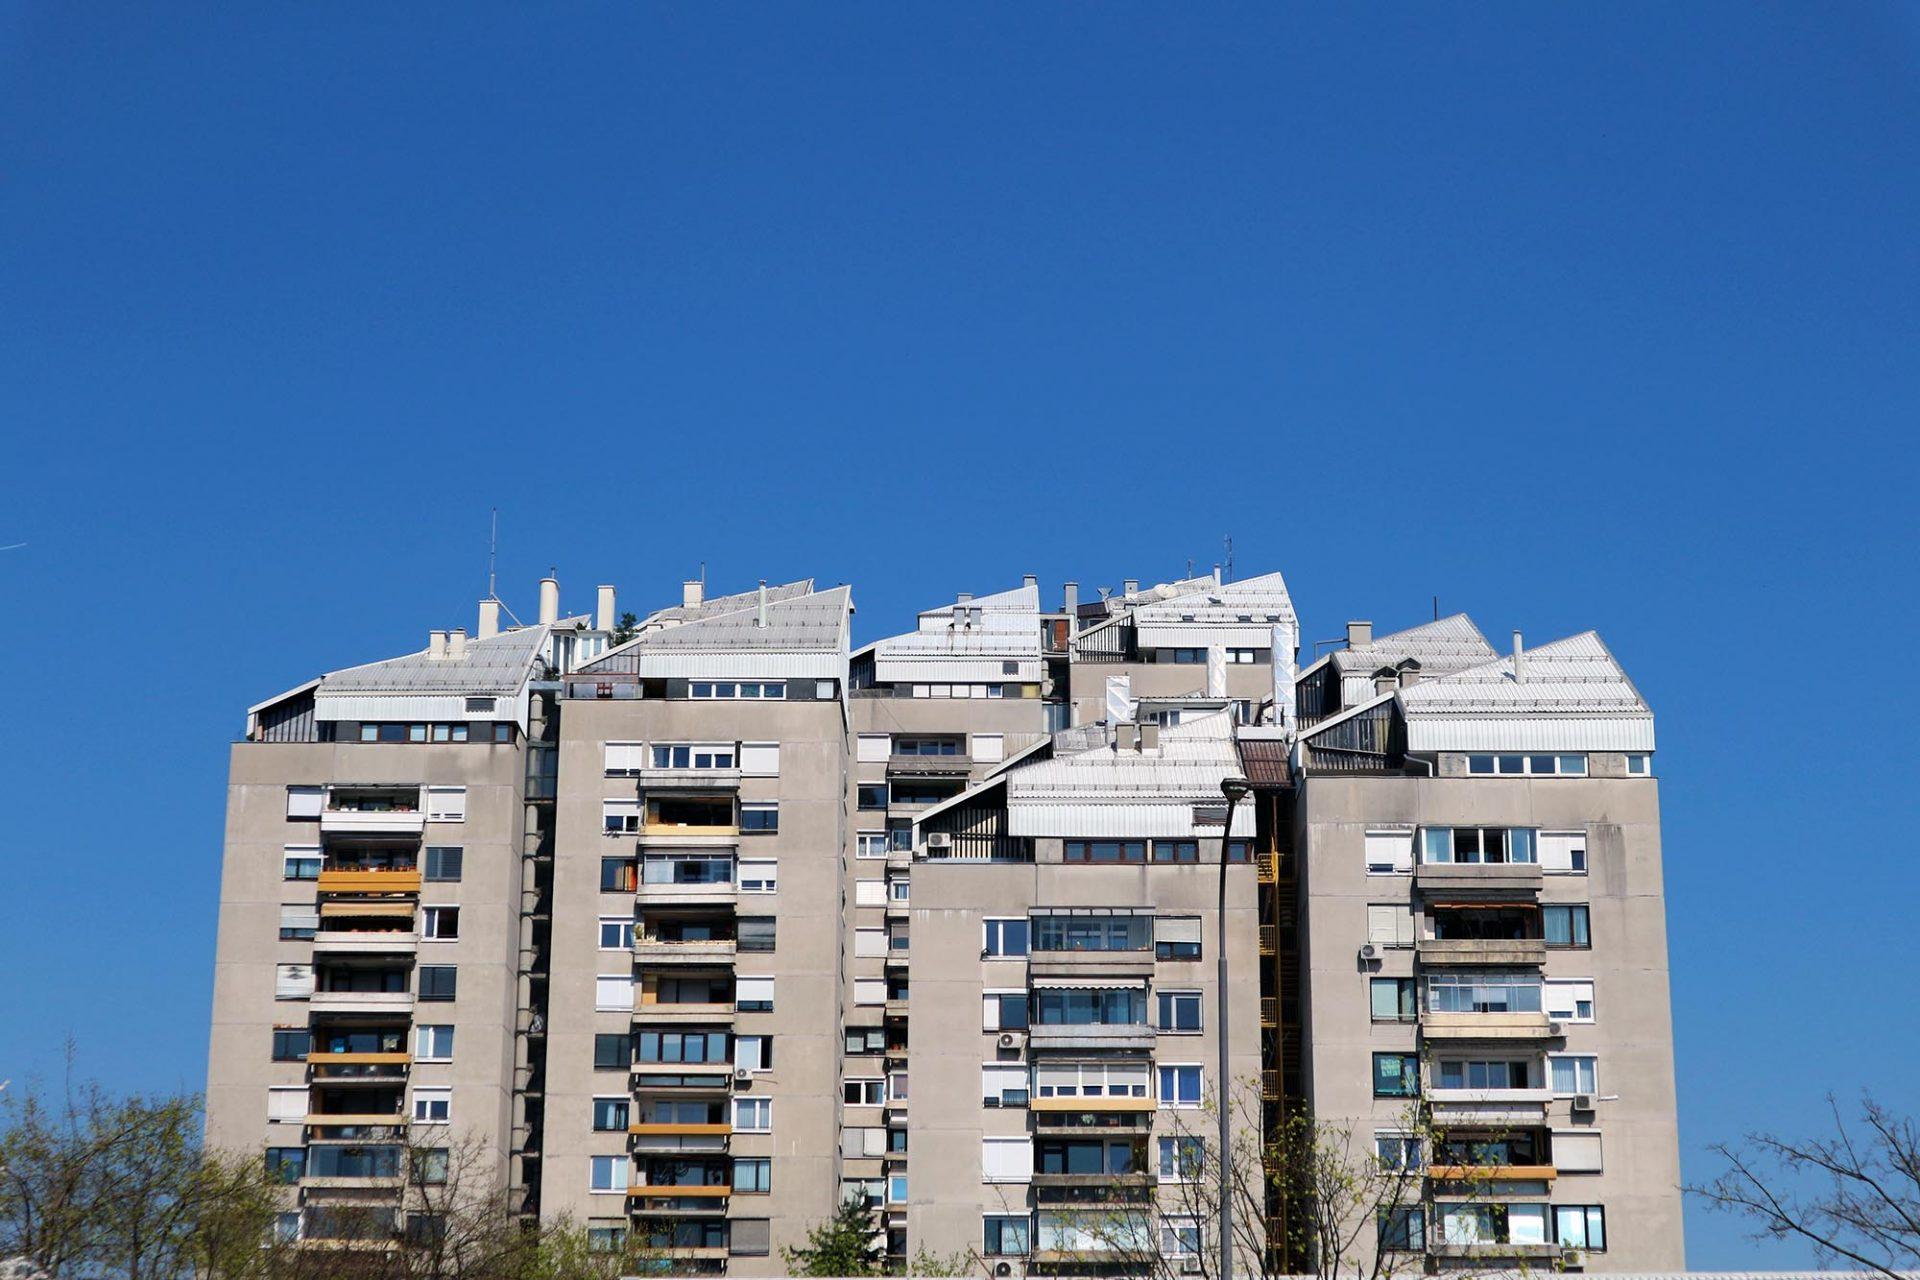 """BS-3.  Der serbo-slowenische Architekt Ilija Arnautović machte 1952 seine Master-Abschluss bei Ravnikar. Die expressiv """"gebirgige"""" Wohnanlage BS-3 am Stadtrand von Ljubljana zählt zu seinen bedeutendsten Werken."""